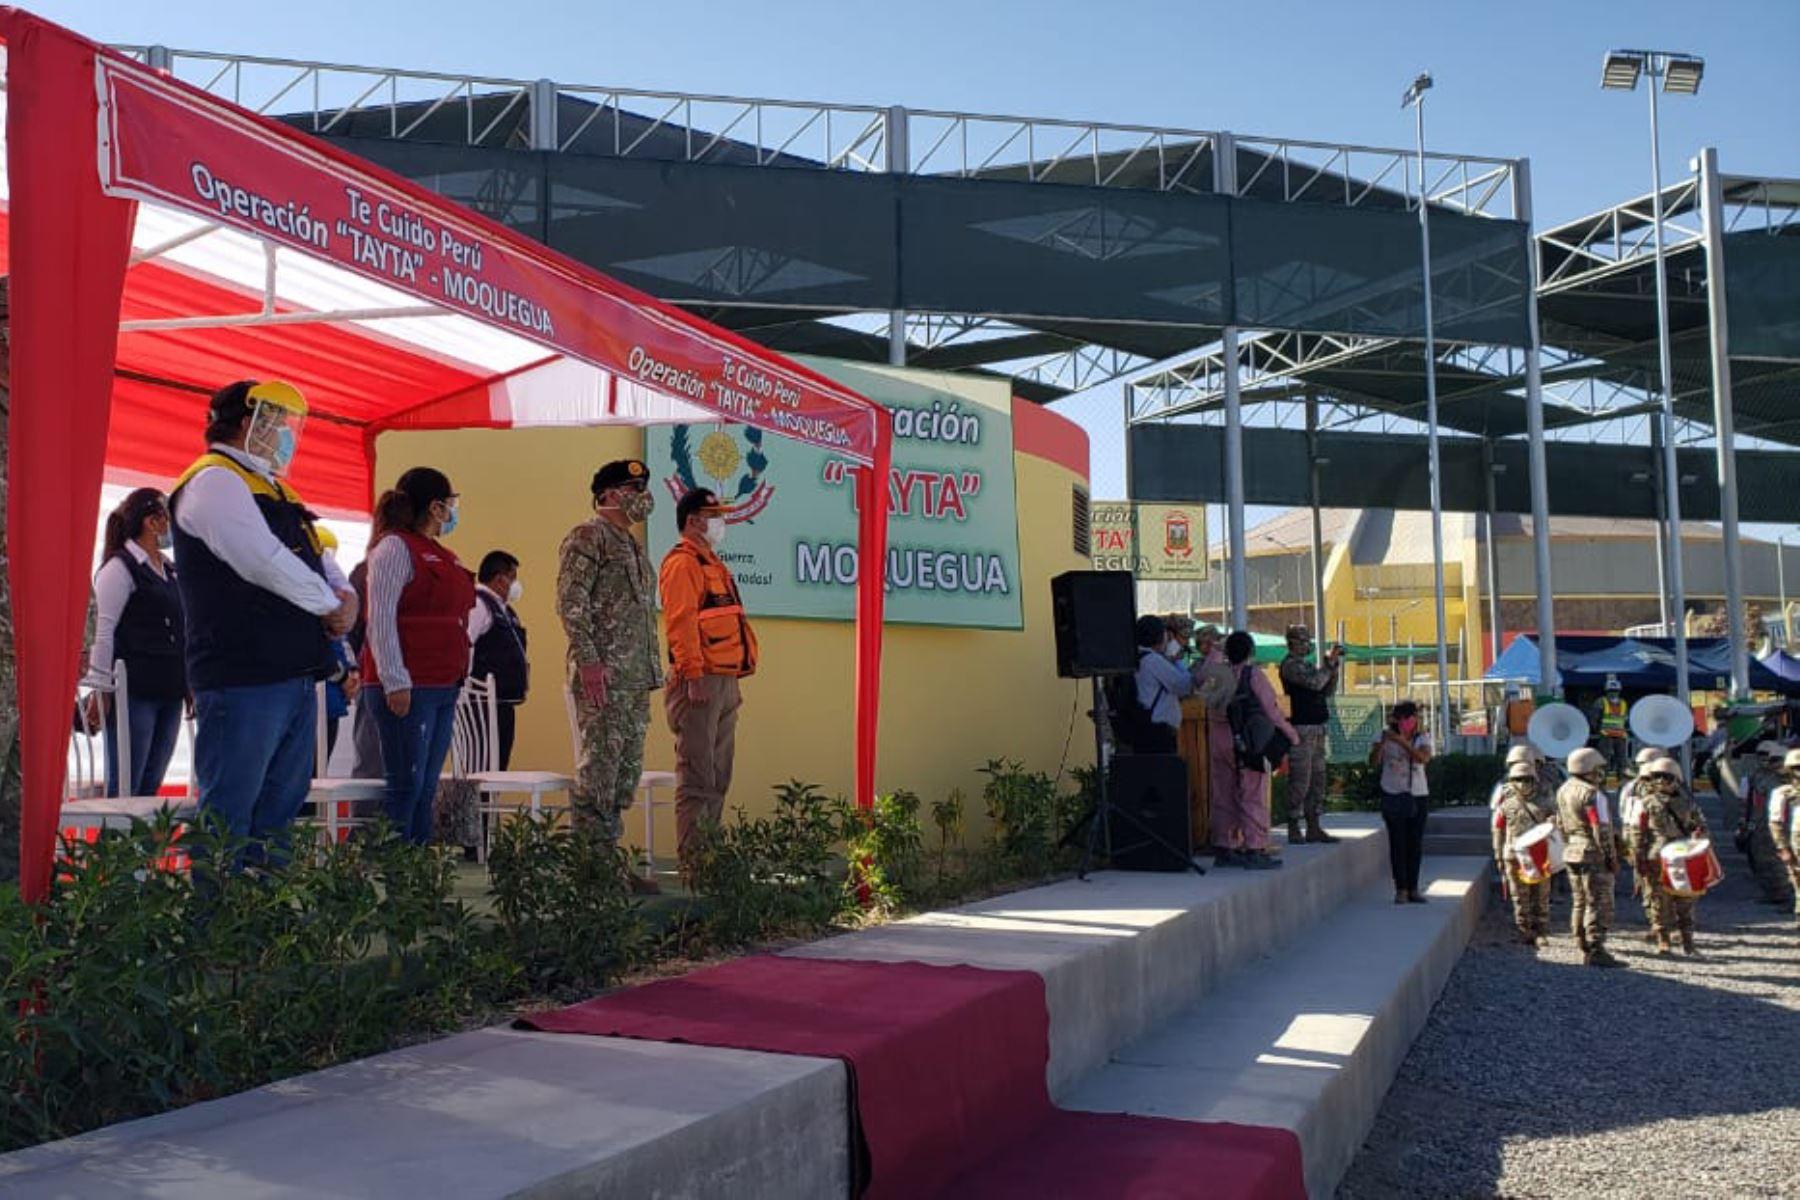 El Ejército del Perú inició campaña de salud en Moquegua junto a otras entidades del Estado a fin de ayudar a los adultos mayores y personas vulnerables frente a la covid-19 como parte del operativo Tayta.  Foto: ANDINA/Mindef